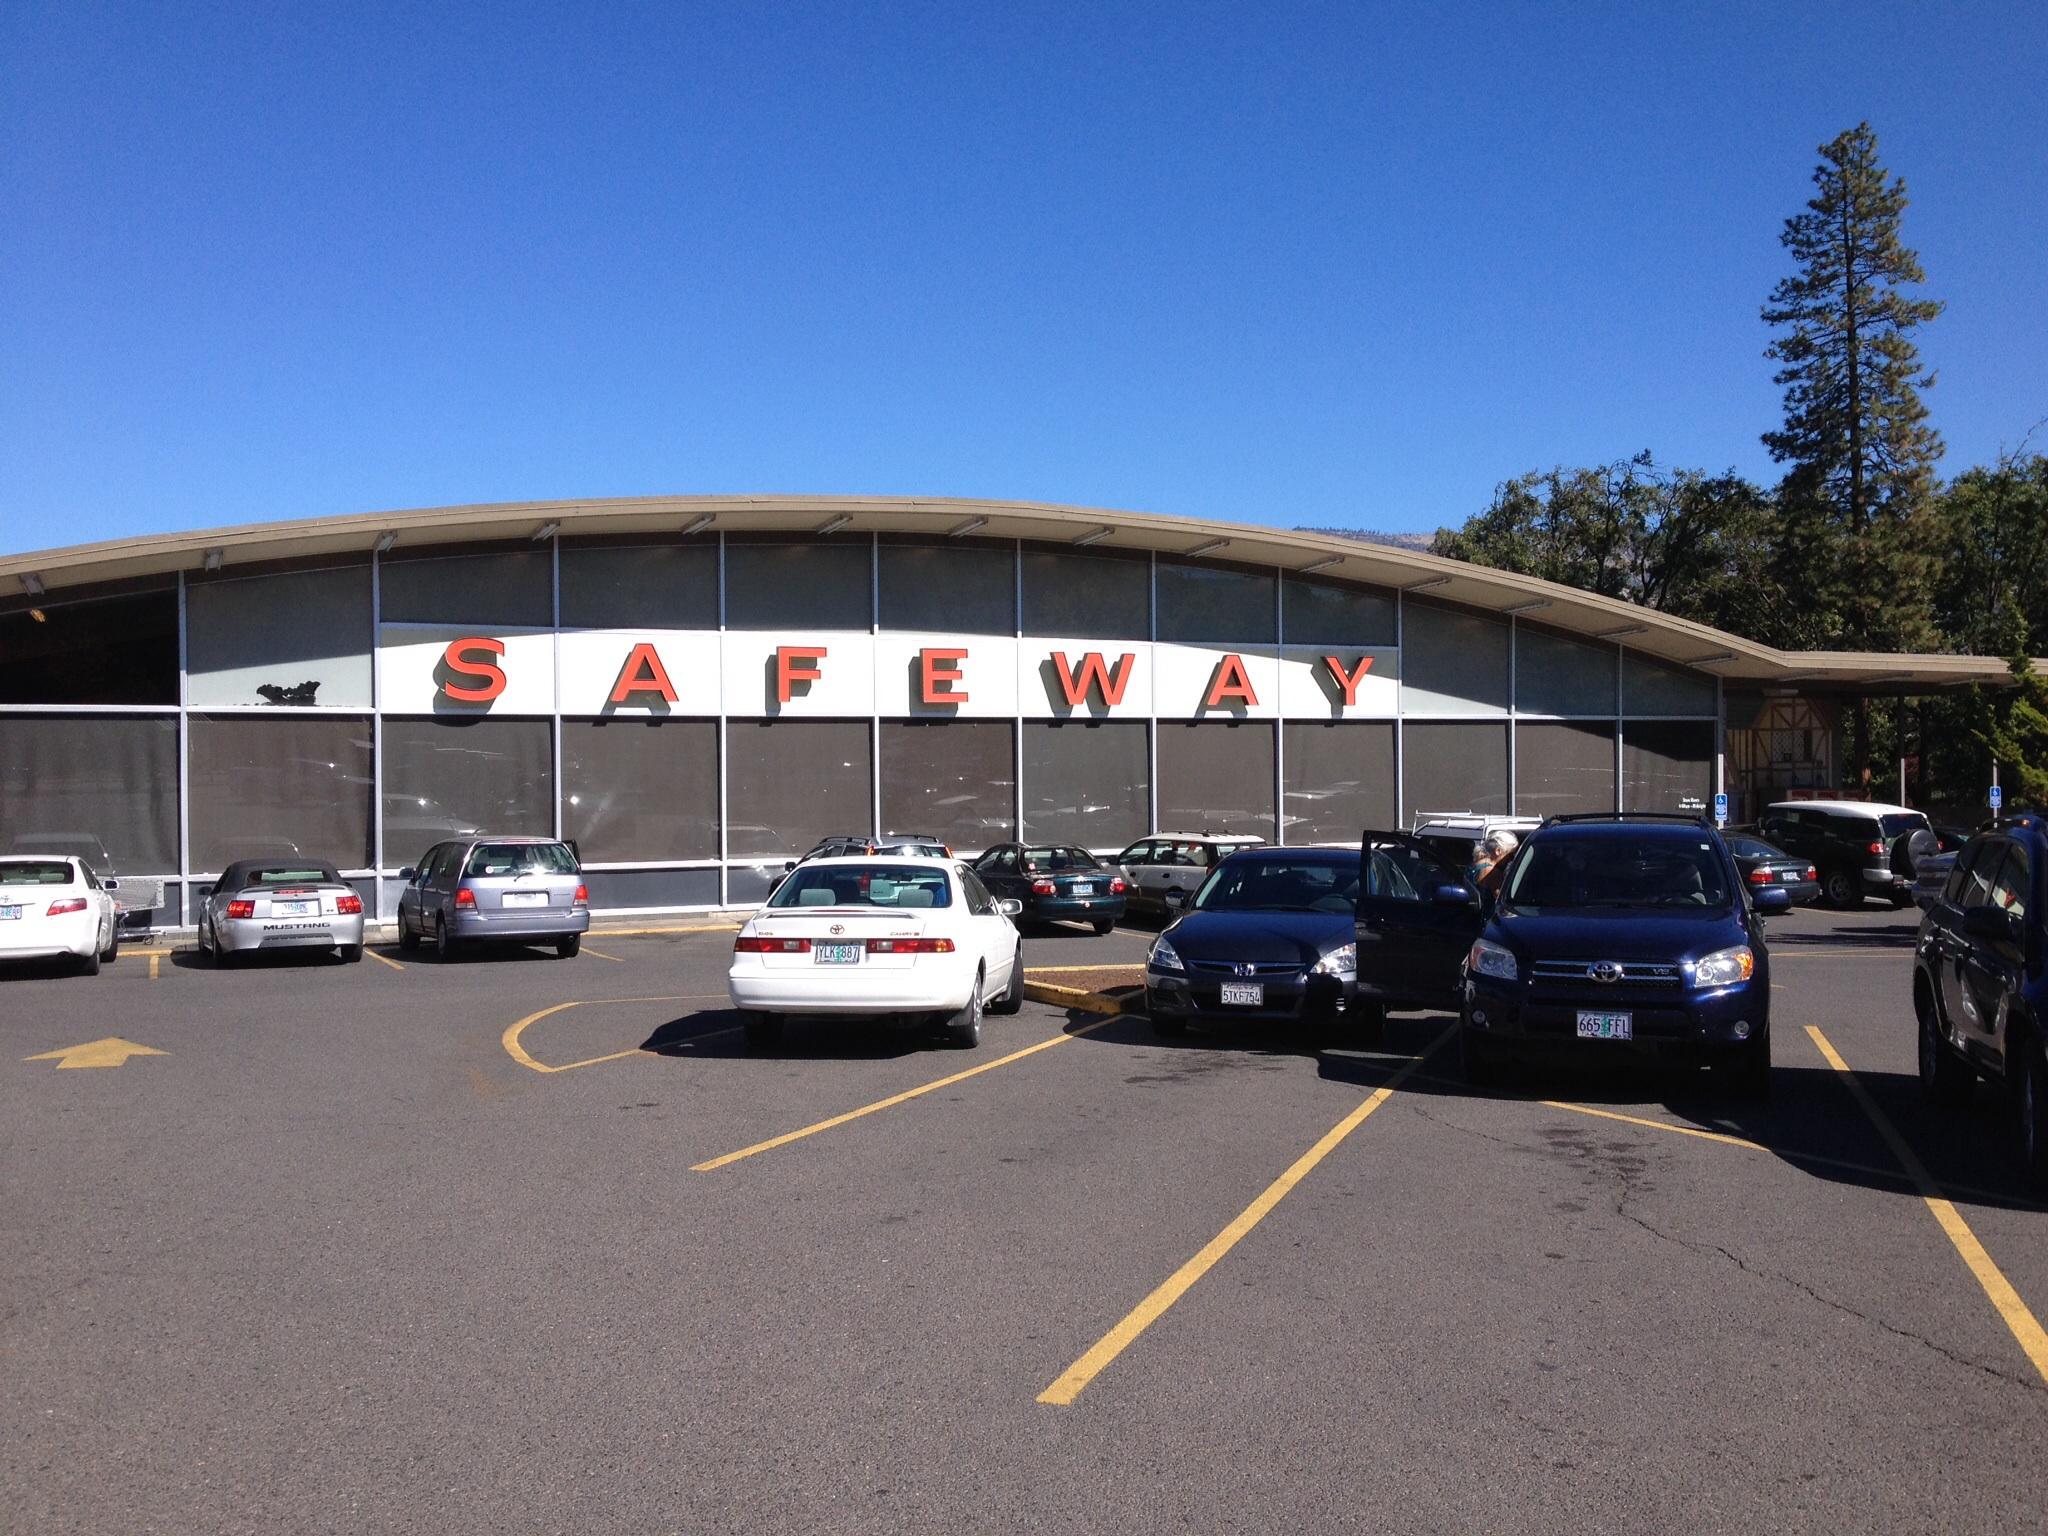 Safeway Ashland Oregon